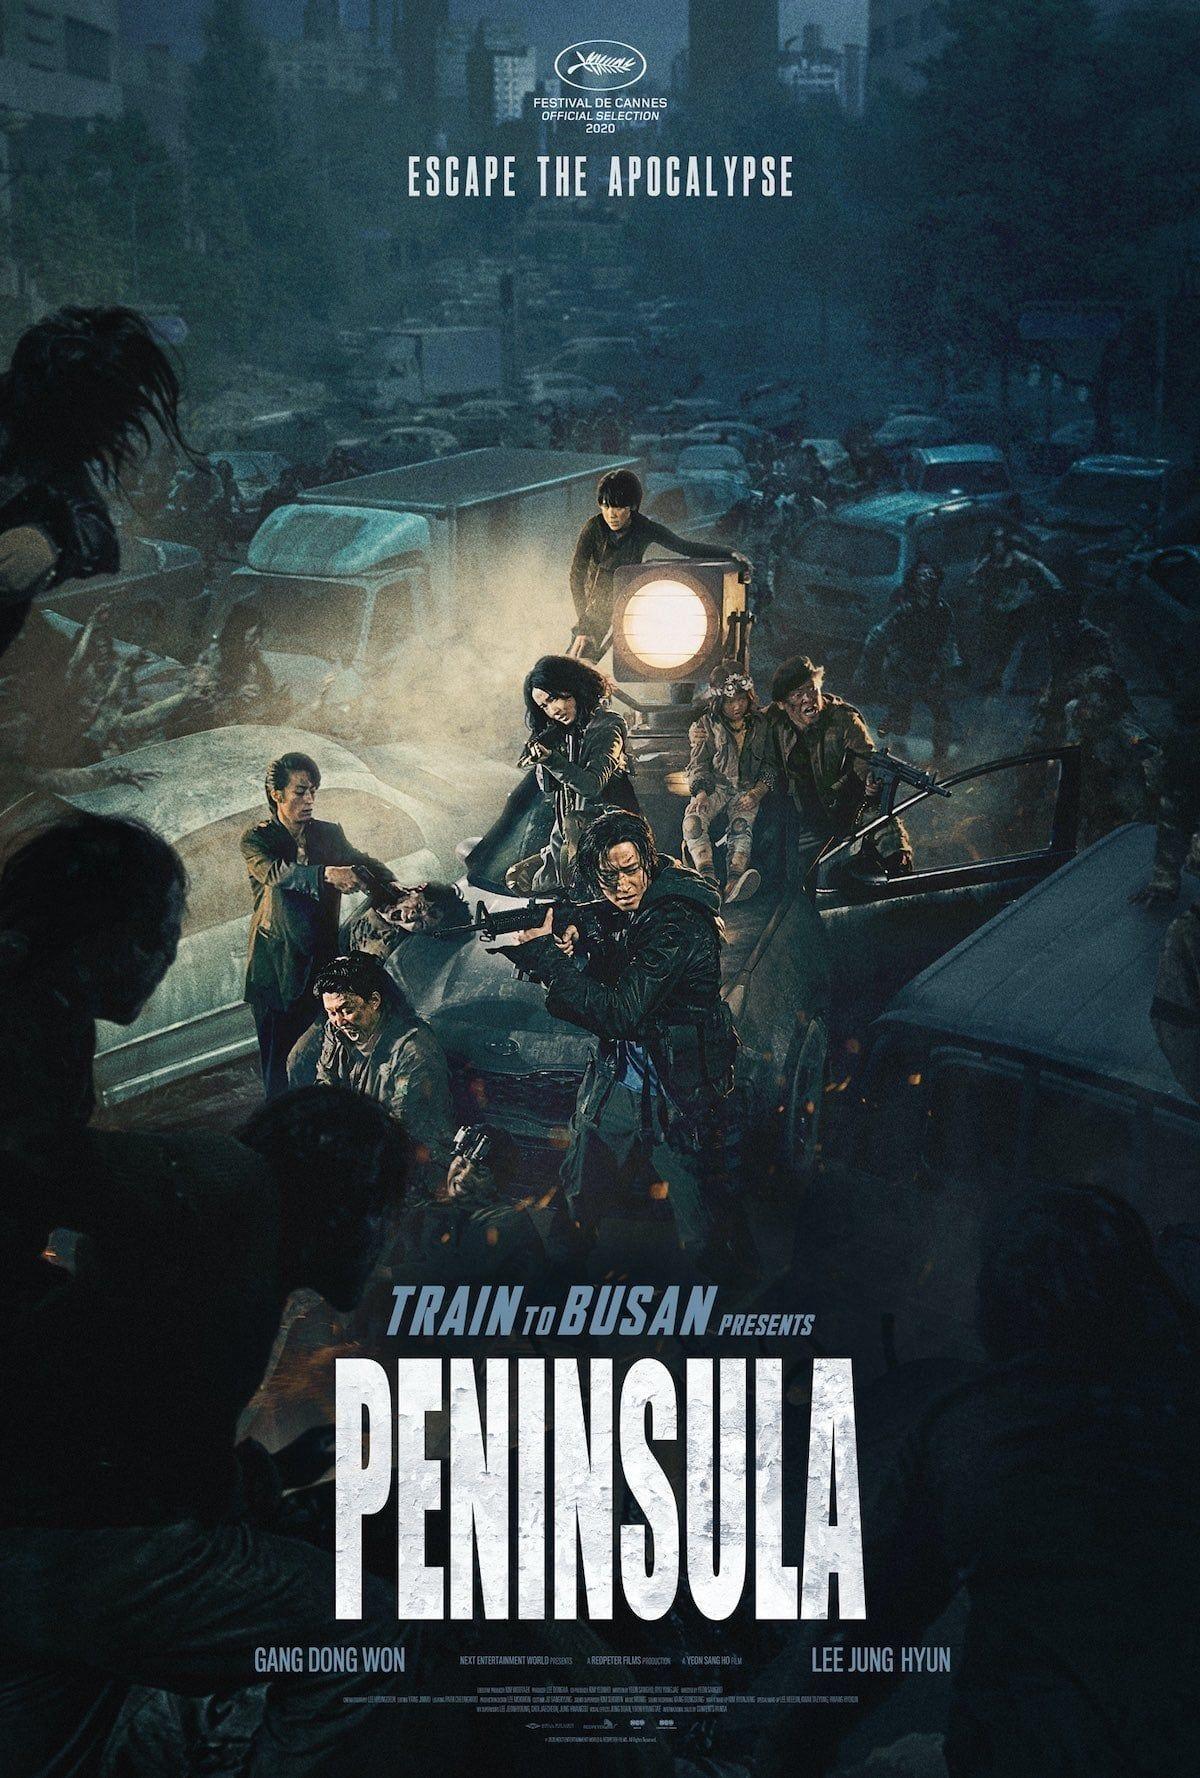 Regarder Peninsula 2020 Vf Film Complet Streaming Vf En Francais Films Complets Dernier Train Pour Busan Film D Action